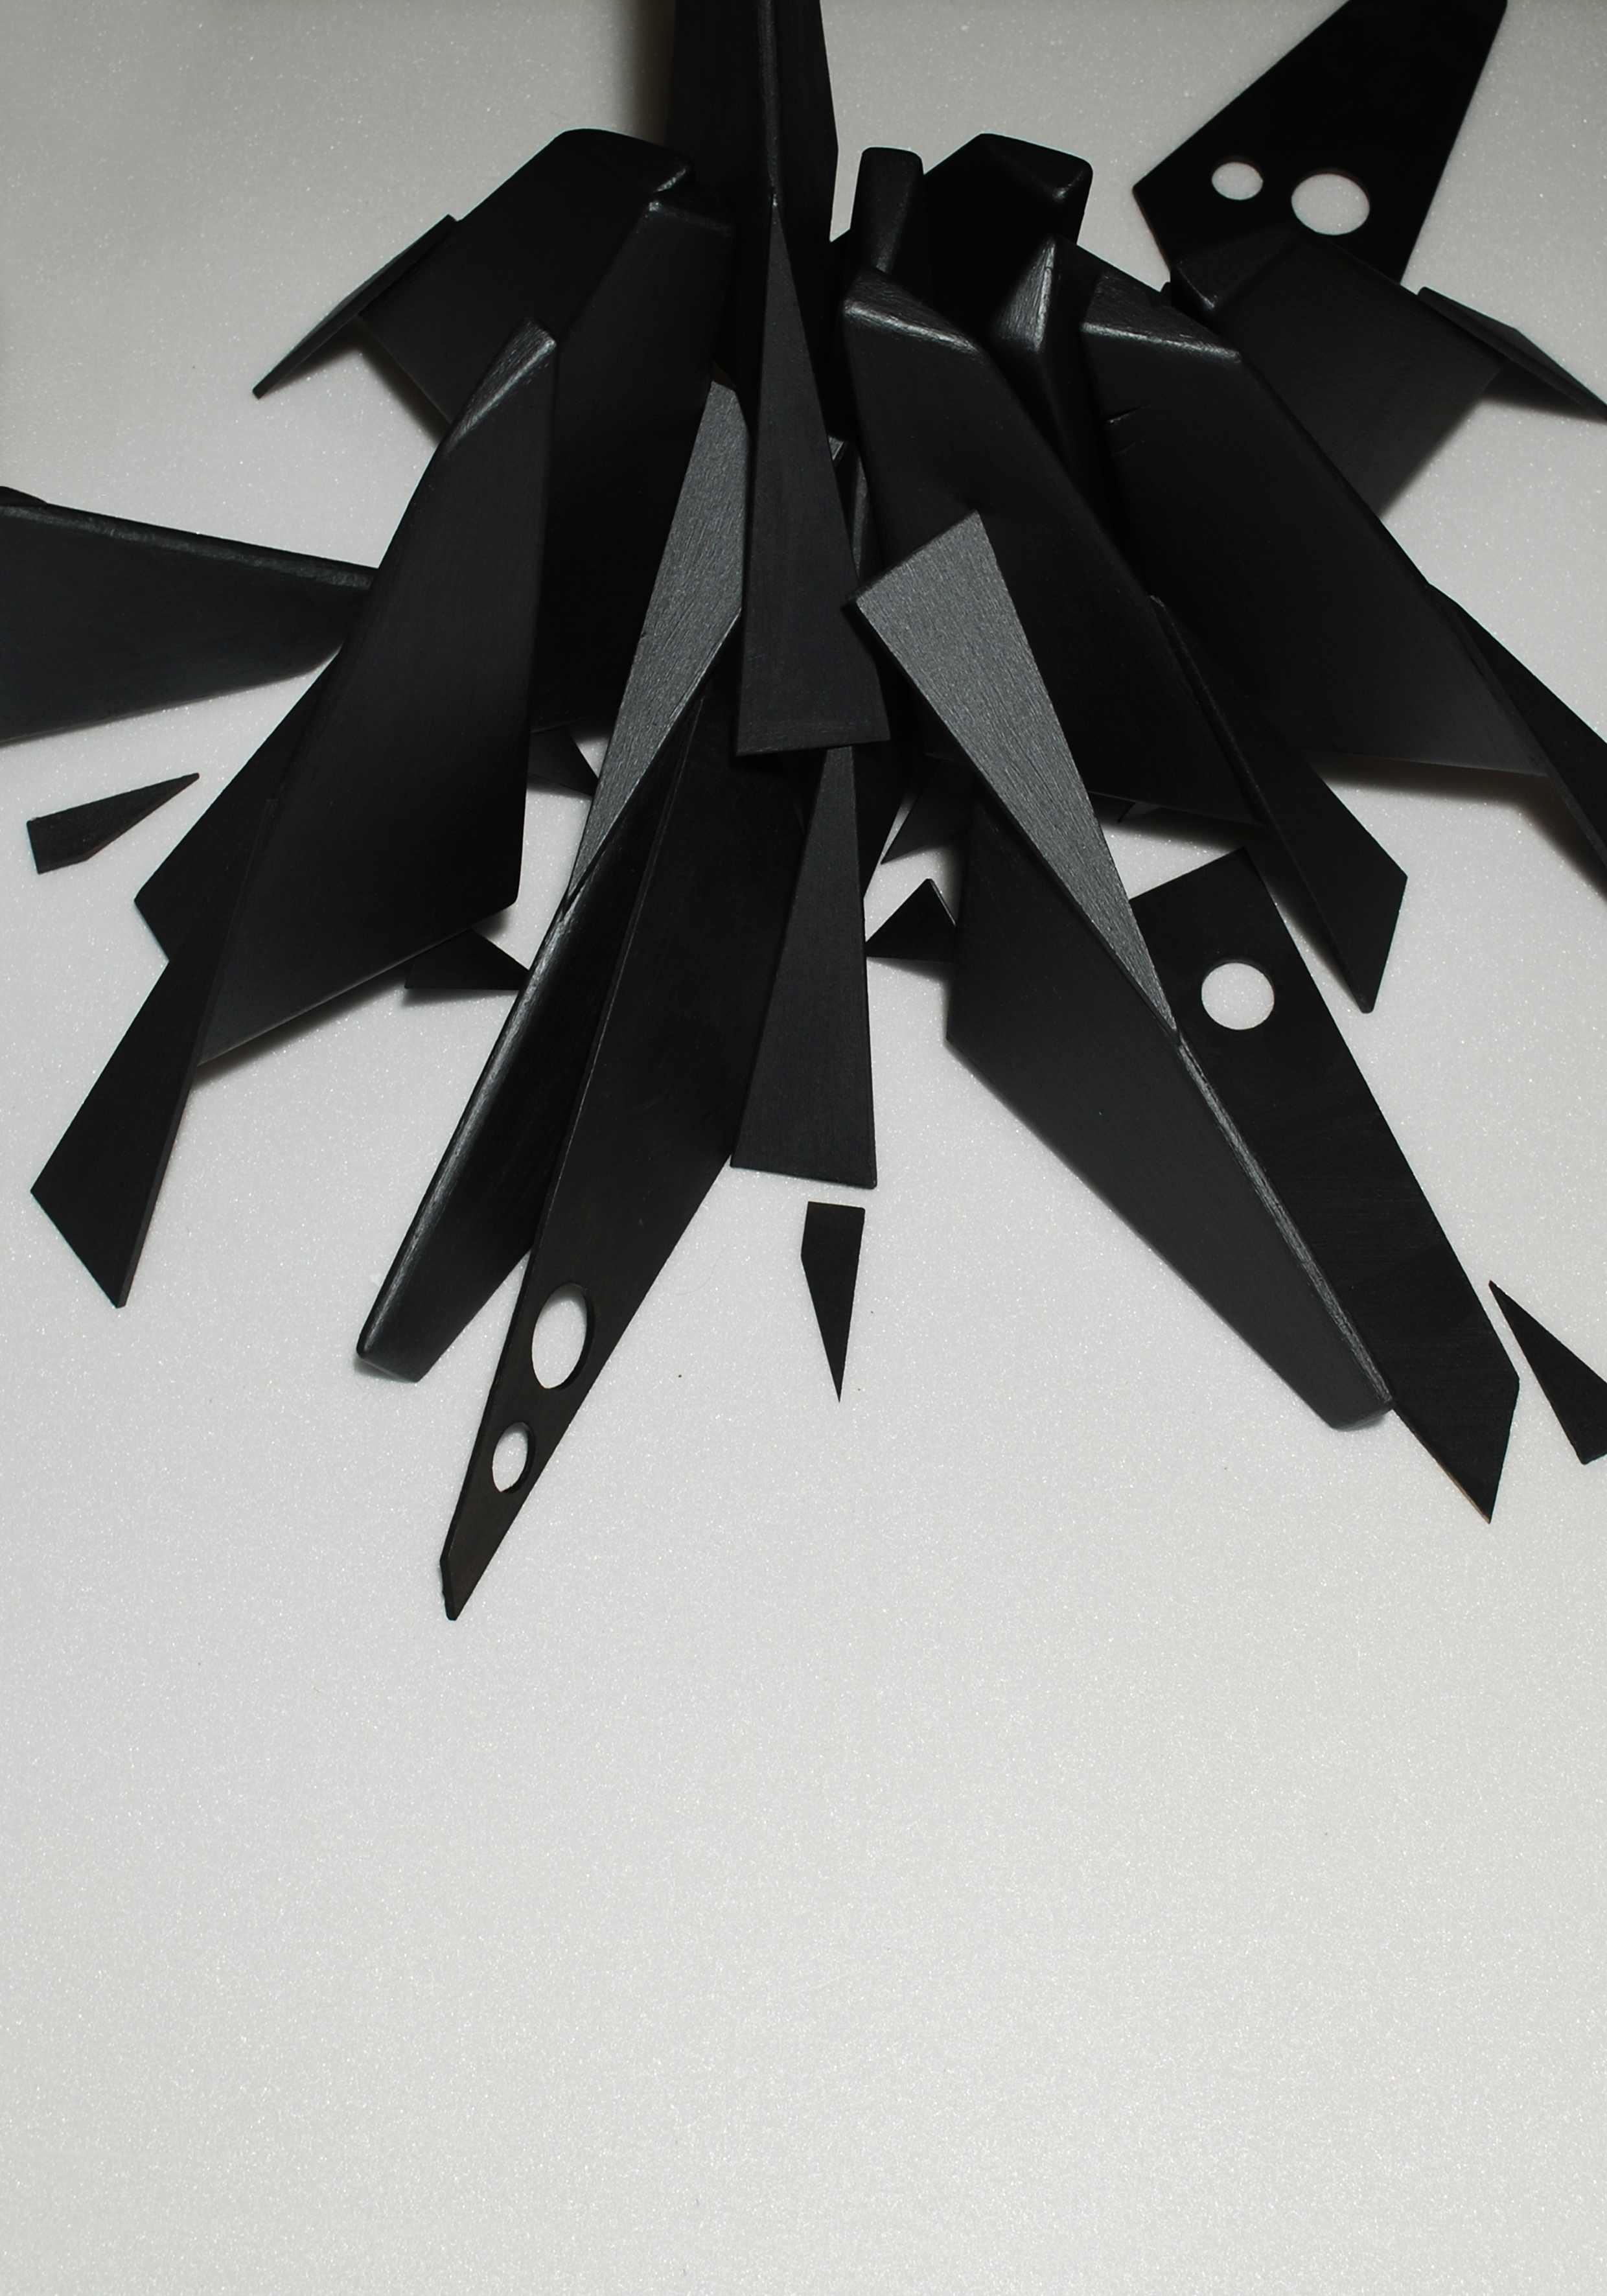 kamil-stanczak-wystawa-galeria-lipowa-16-12-2010